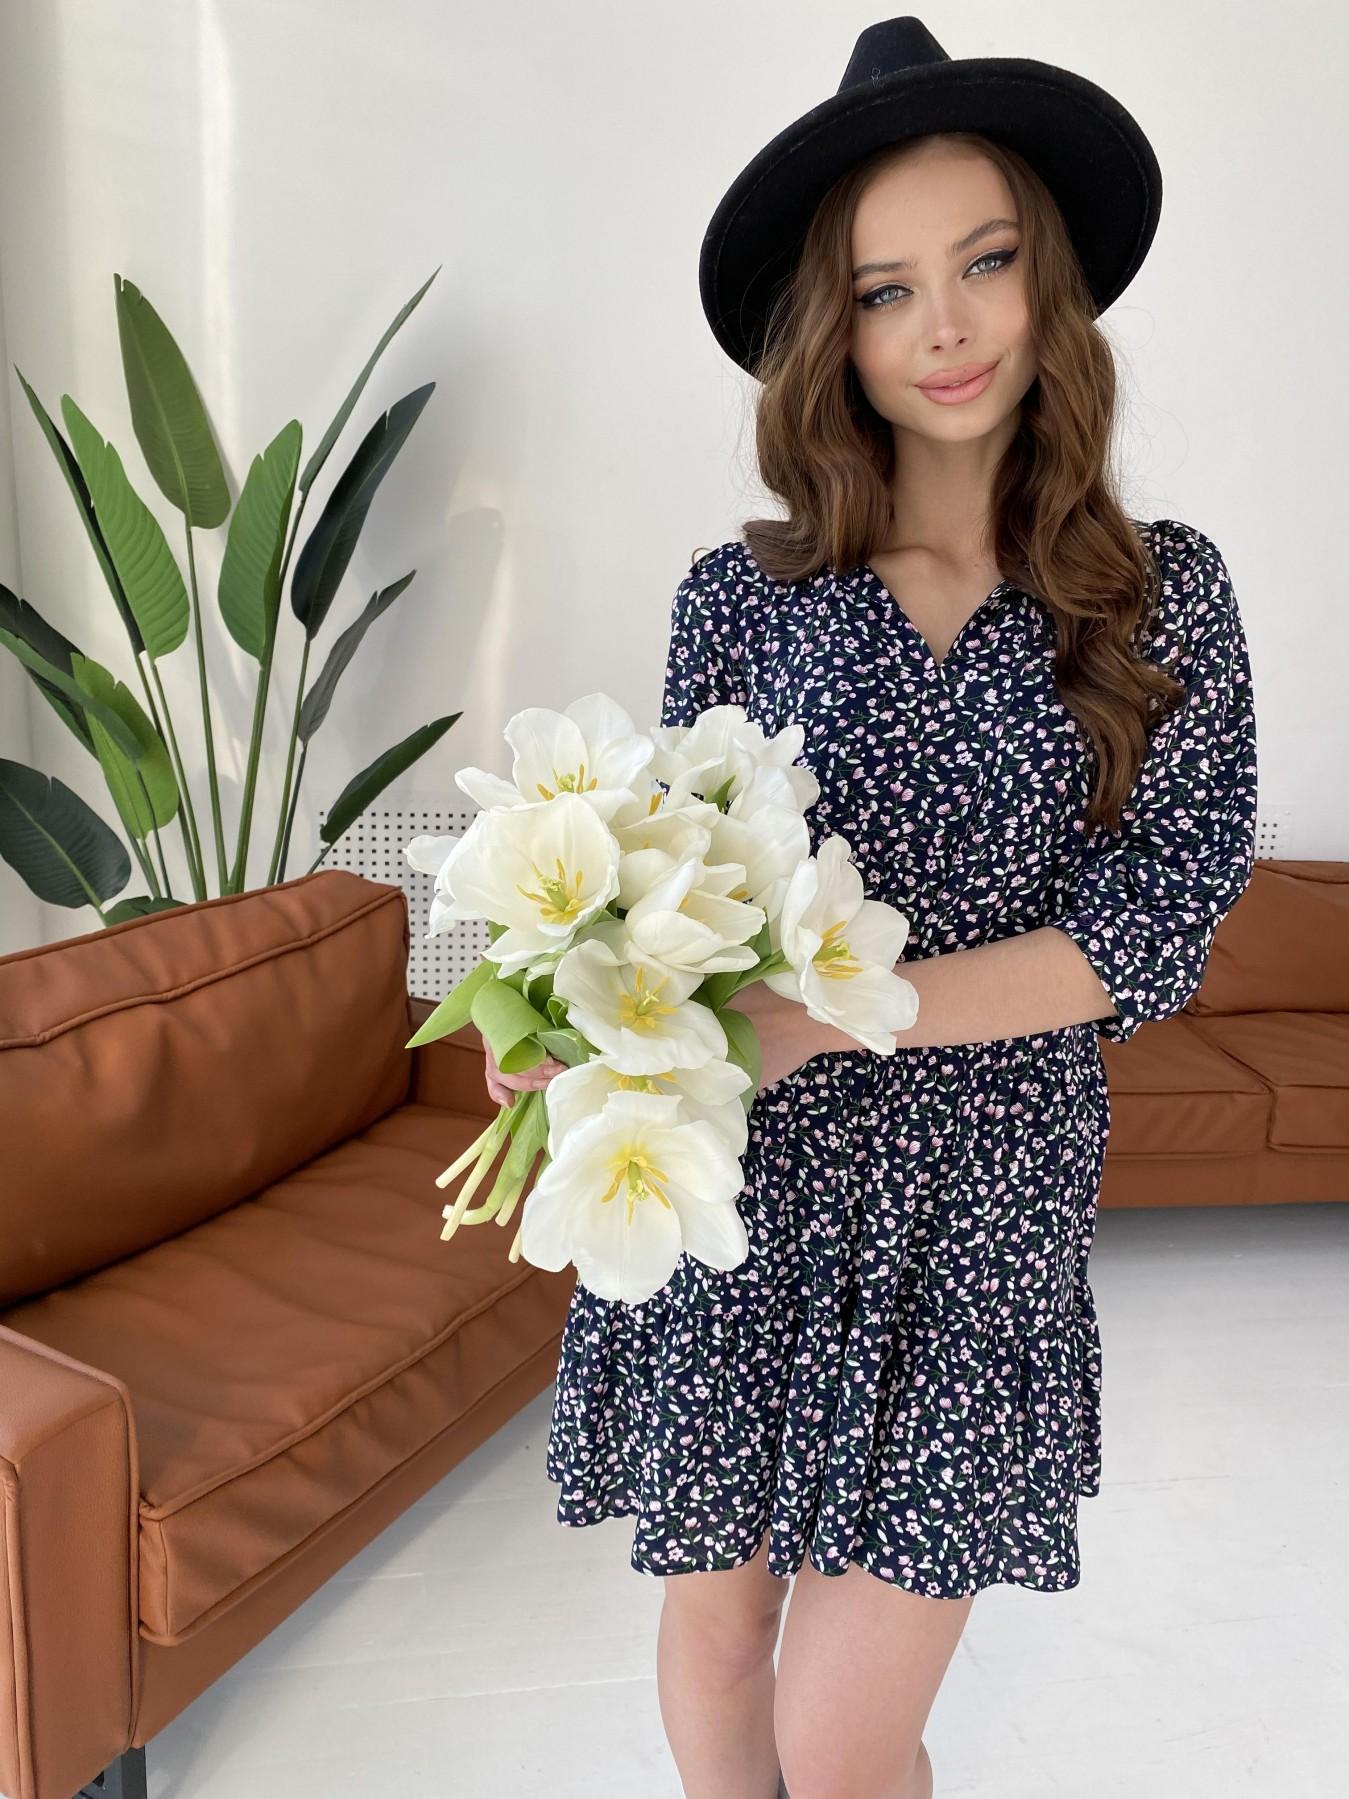 Нинель штапель принт платье 10877 АРТ. 47348 Цвет: Цветы мел т.син/бел/роз - фото 5, интернет магазин tm-modus.ru